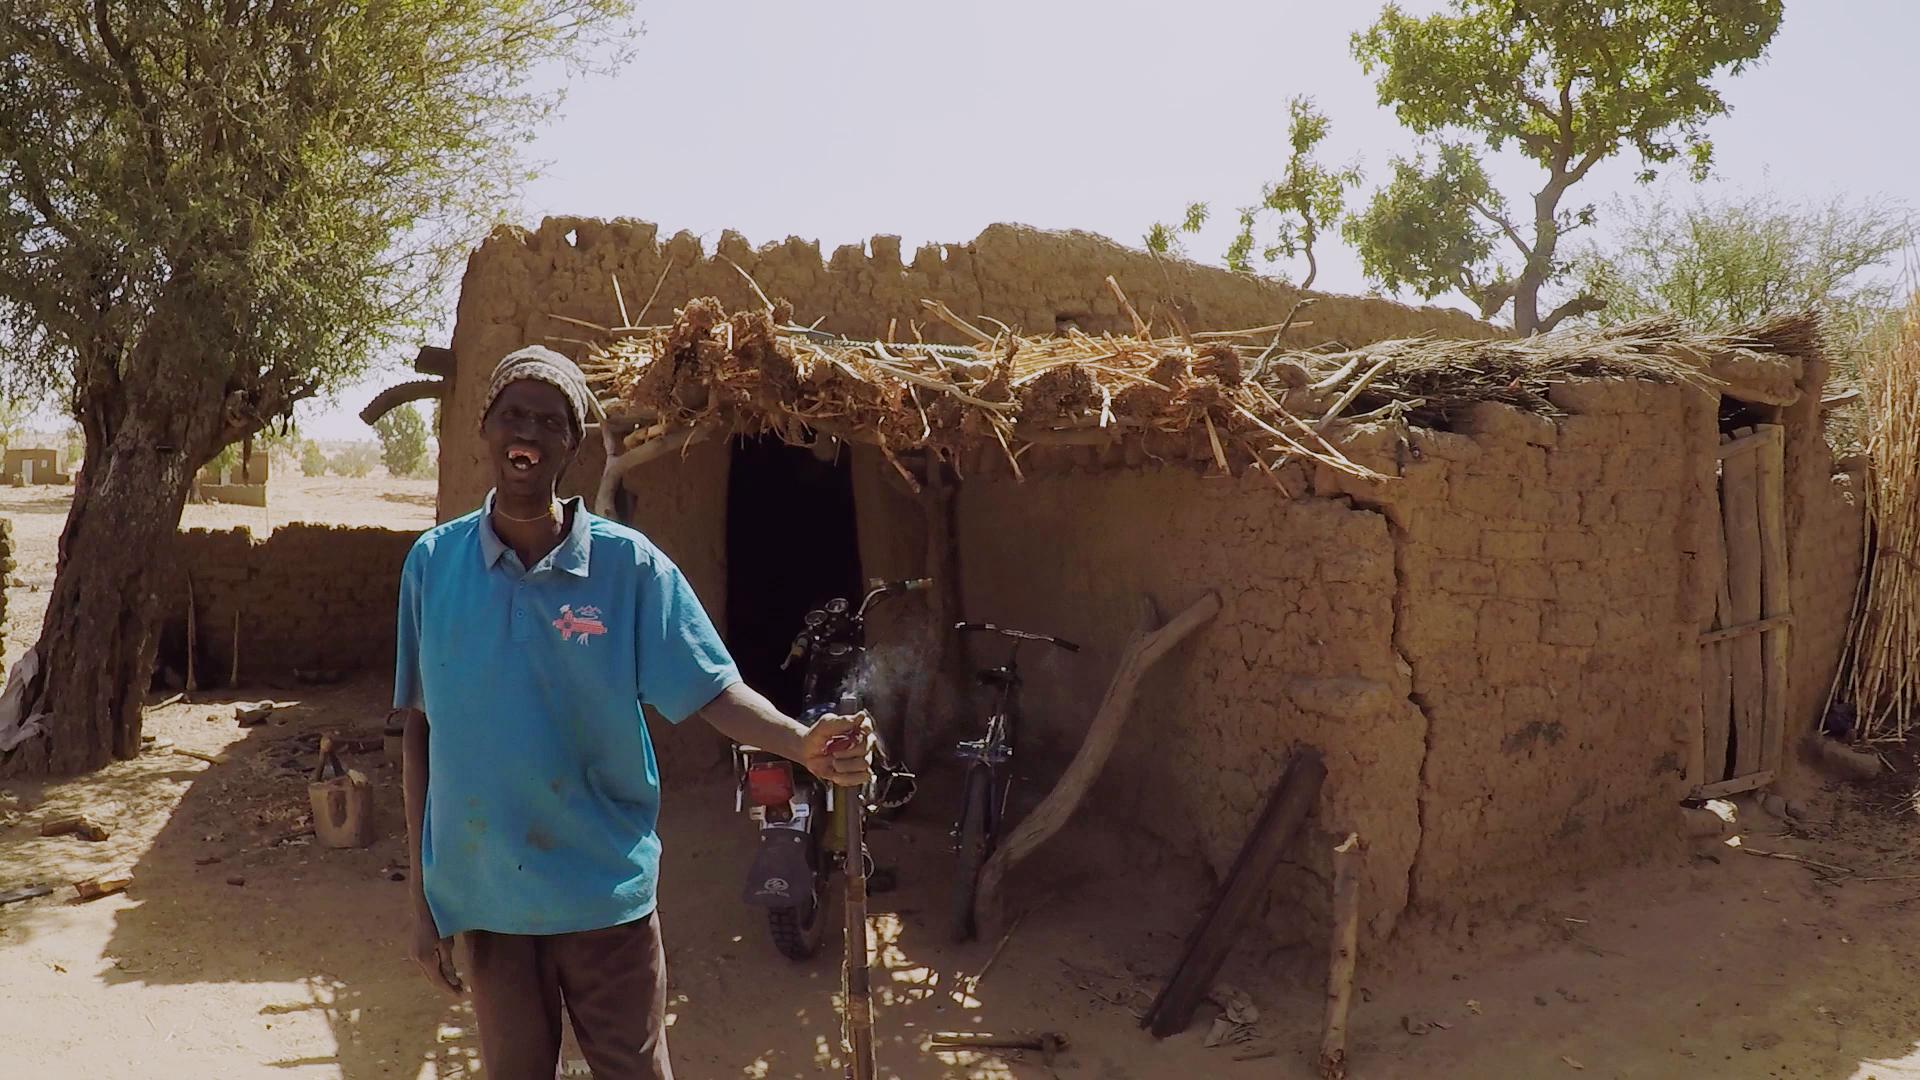 herrero cazador dogon pablocaminante mali - Malí 8, País Dogon V: moda, arte y religión